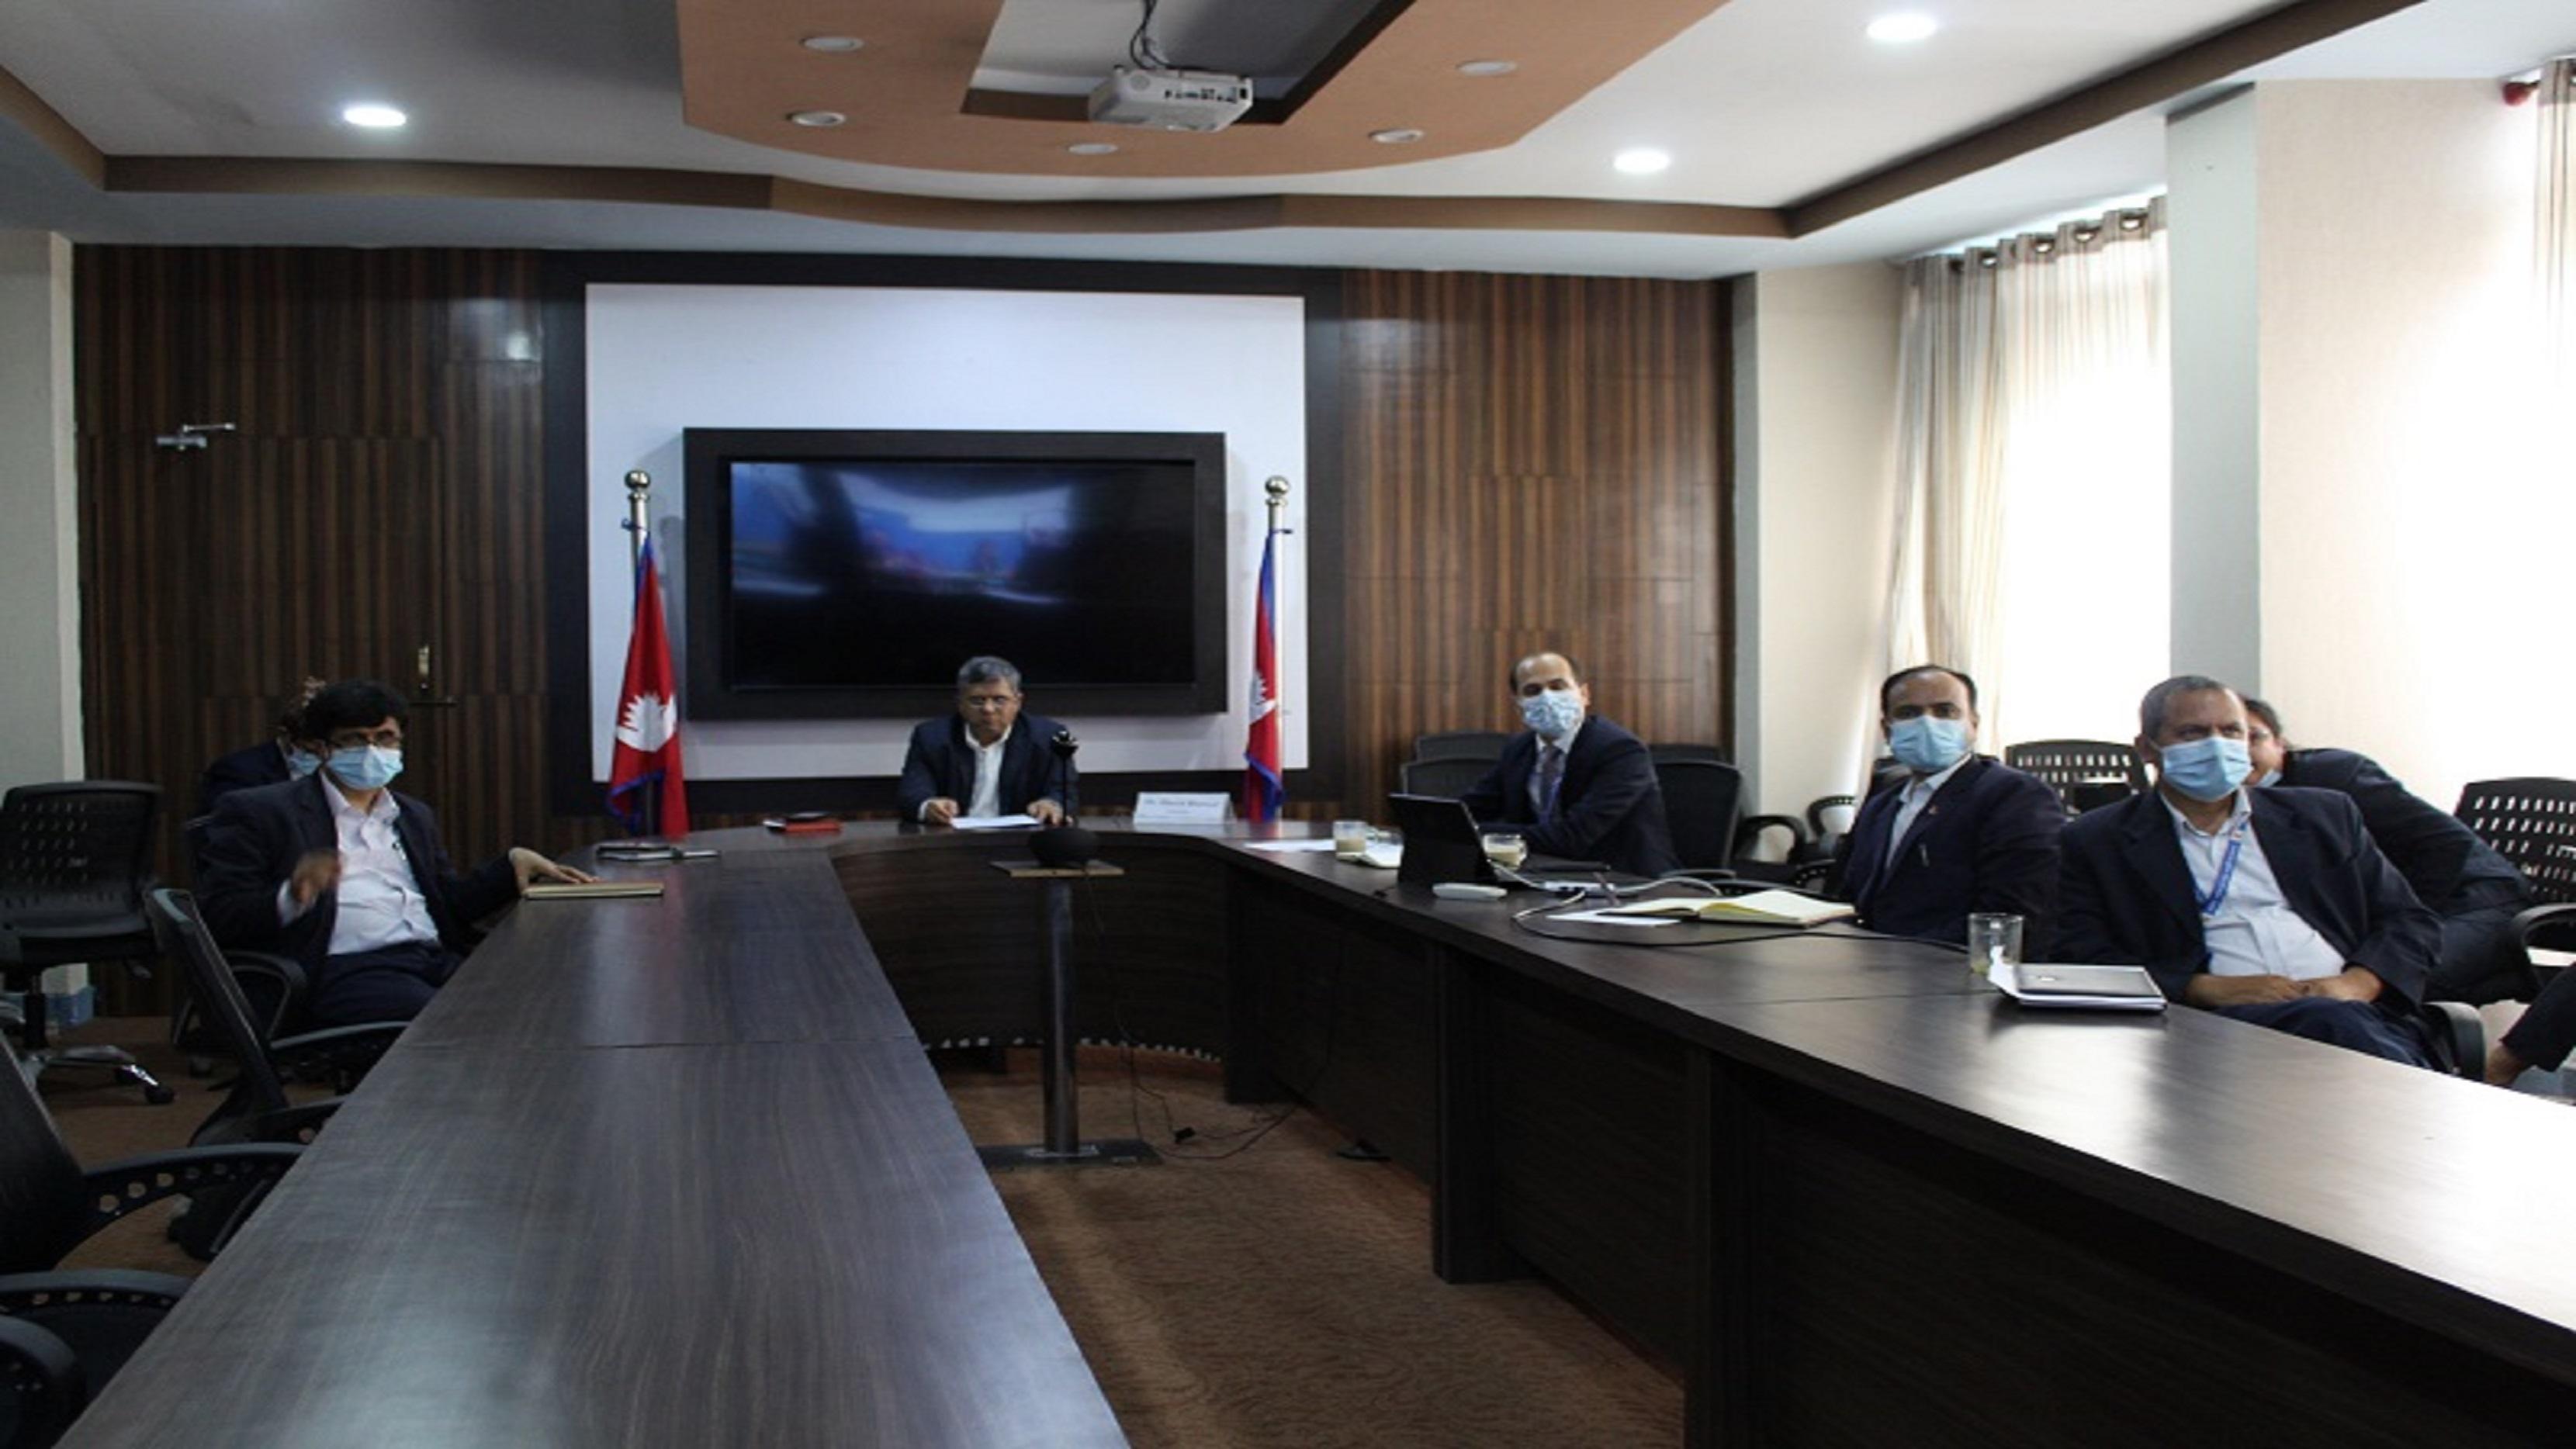 विश्व व्यापार संगठन व्यापार वार्ता समितिको मन्त्रिस्तरीय बैठकका तस्विरहरु।